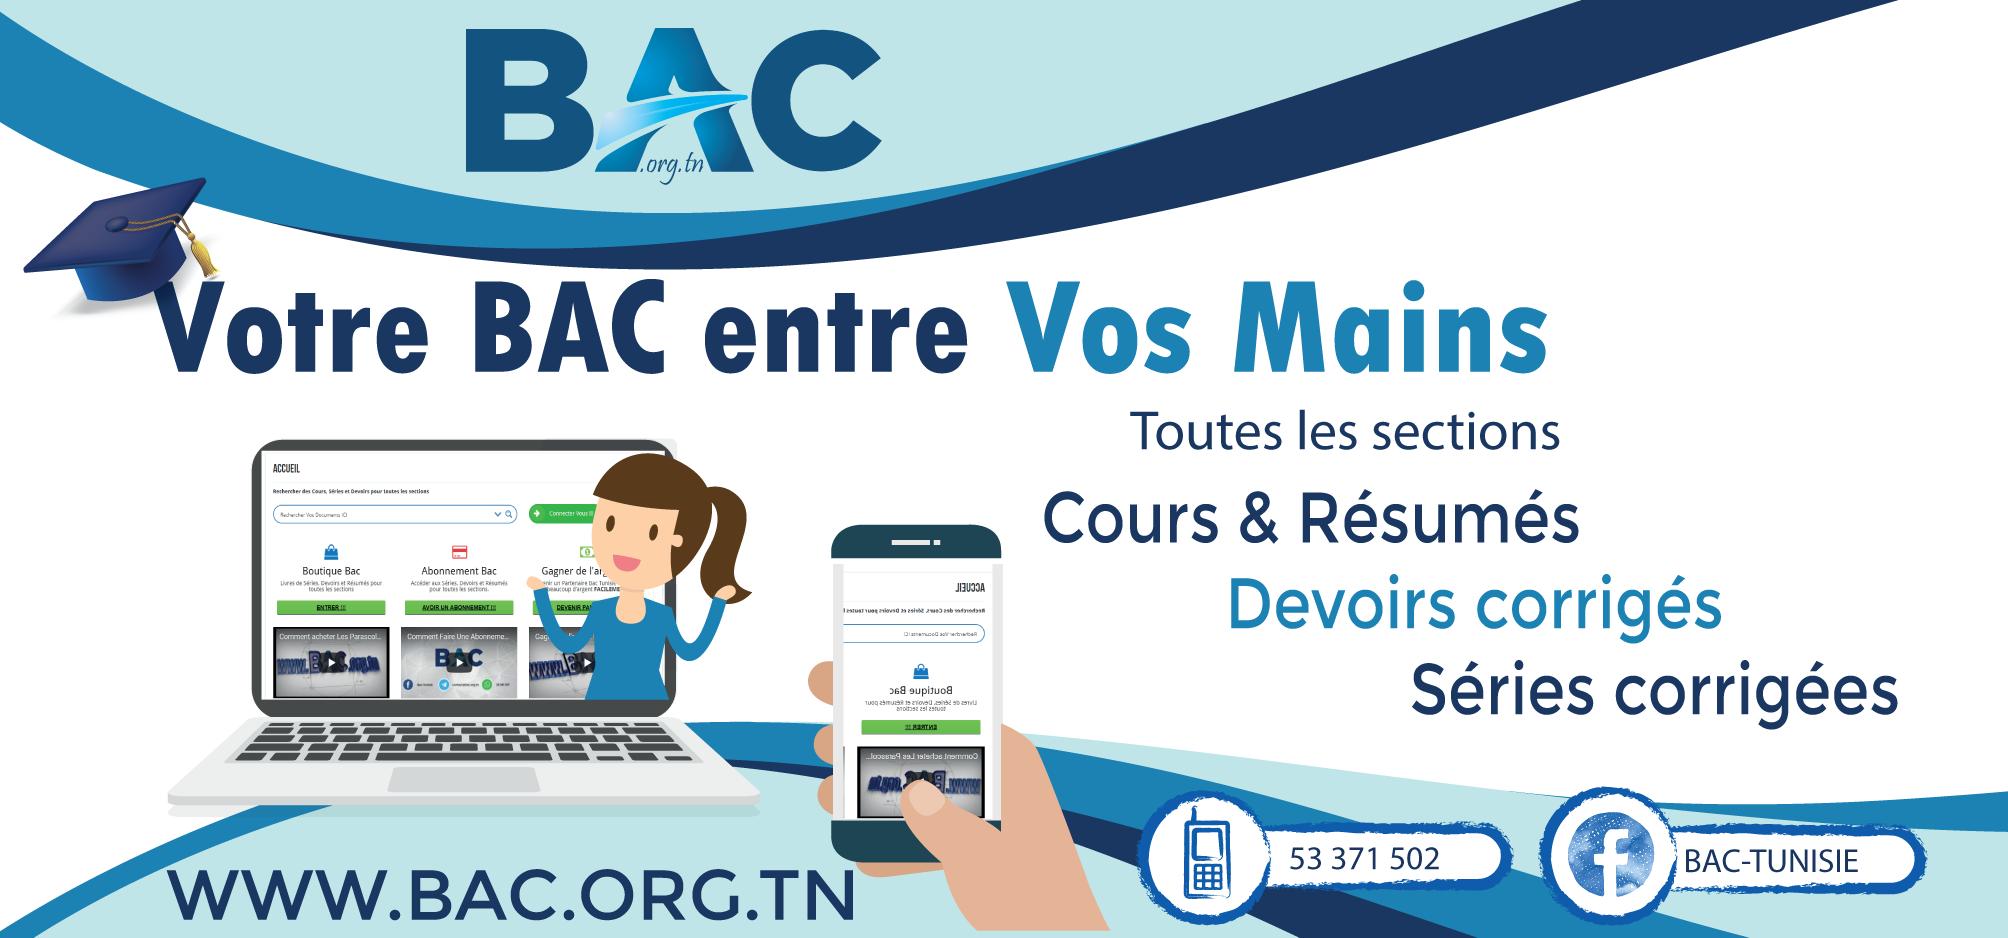 Bac Tunisie Epreuves Corrigees Cours Et Devoir Du Bac